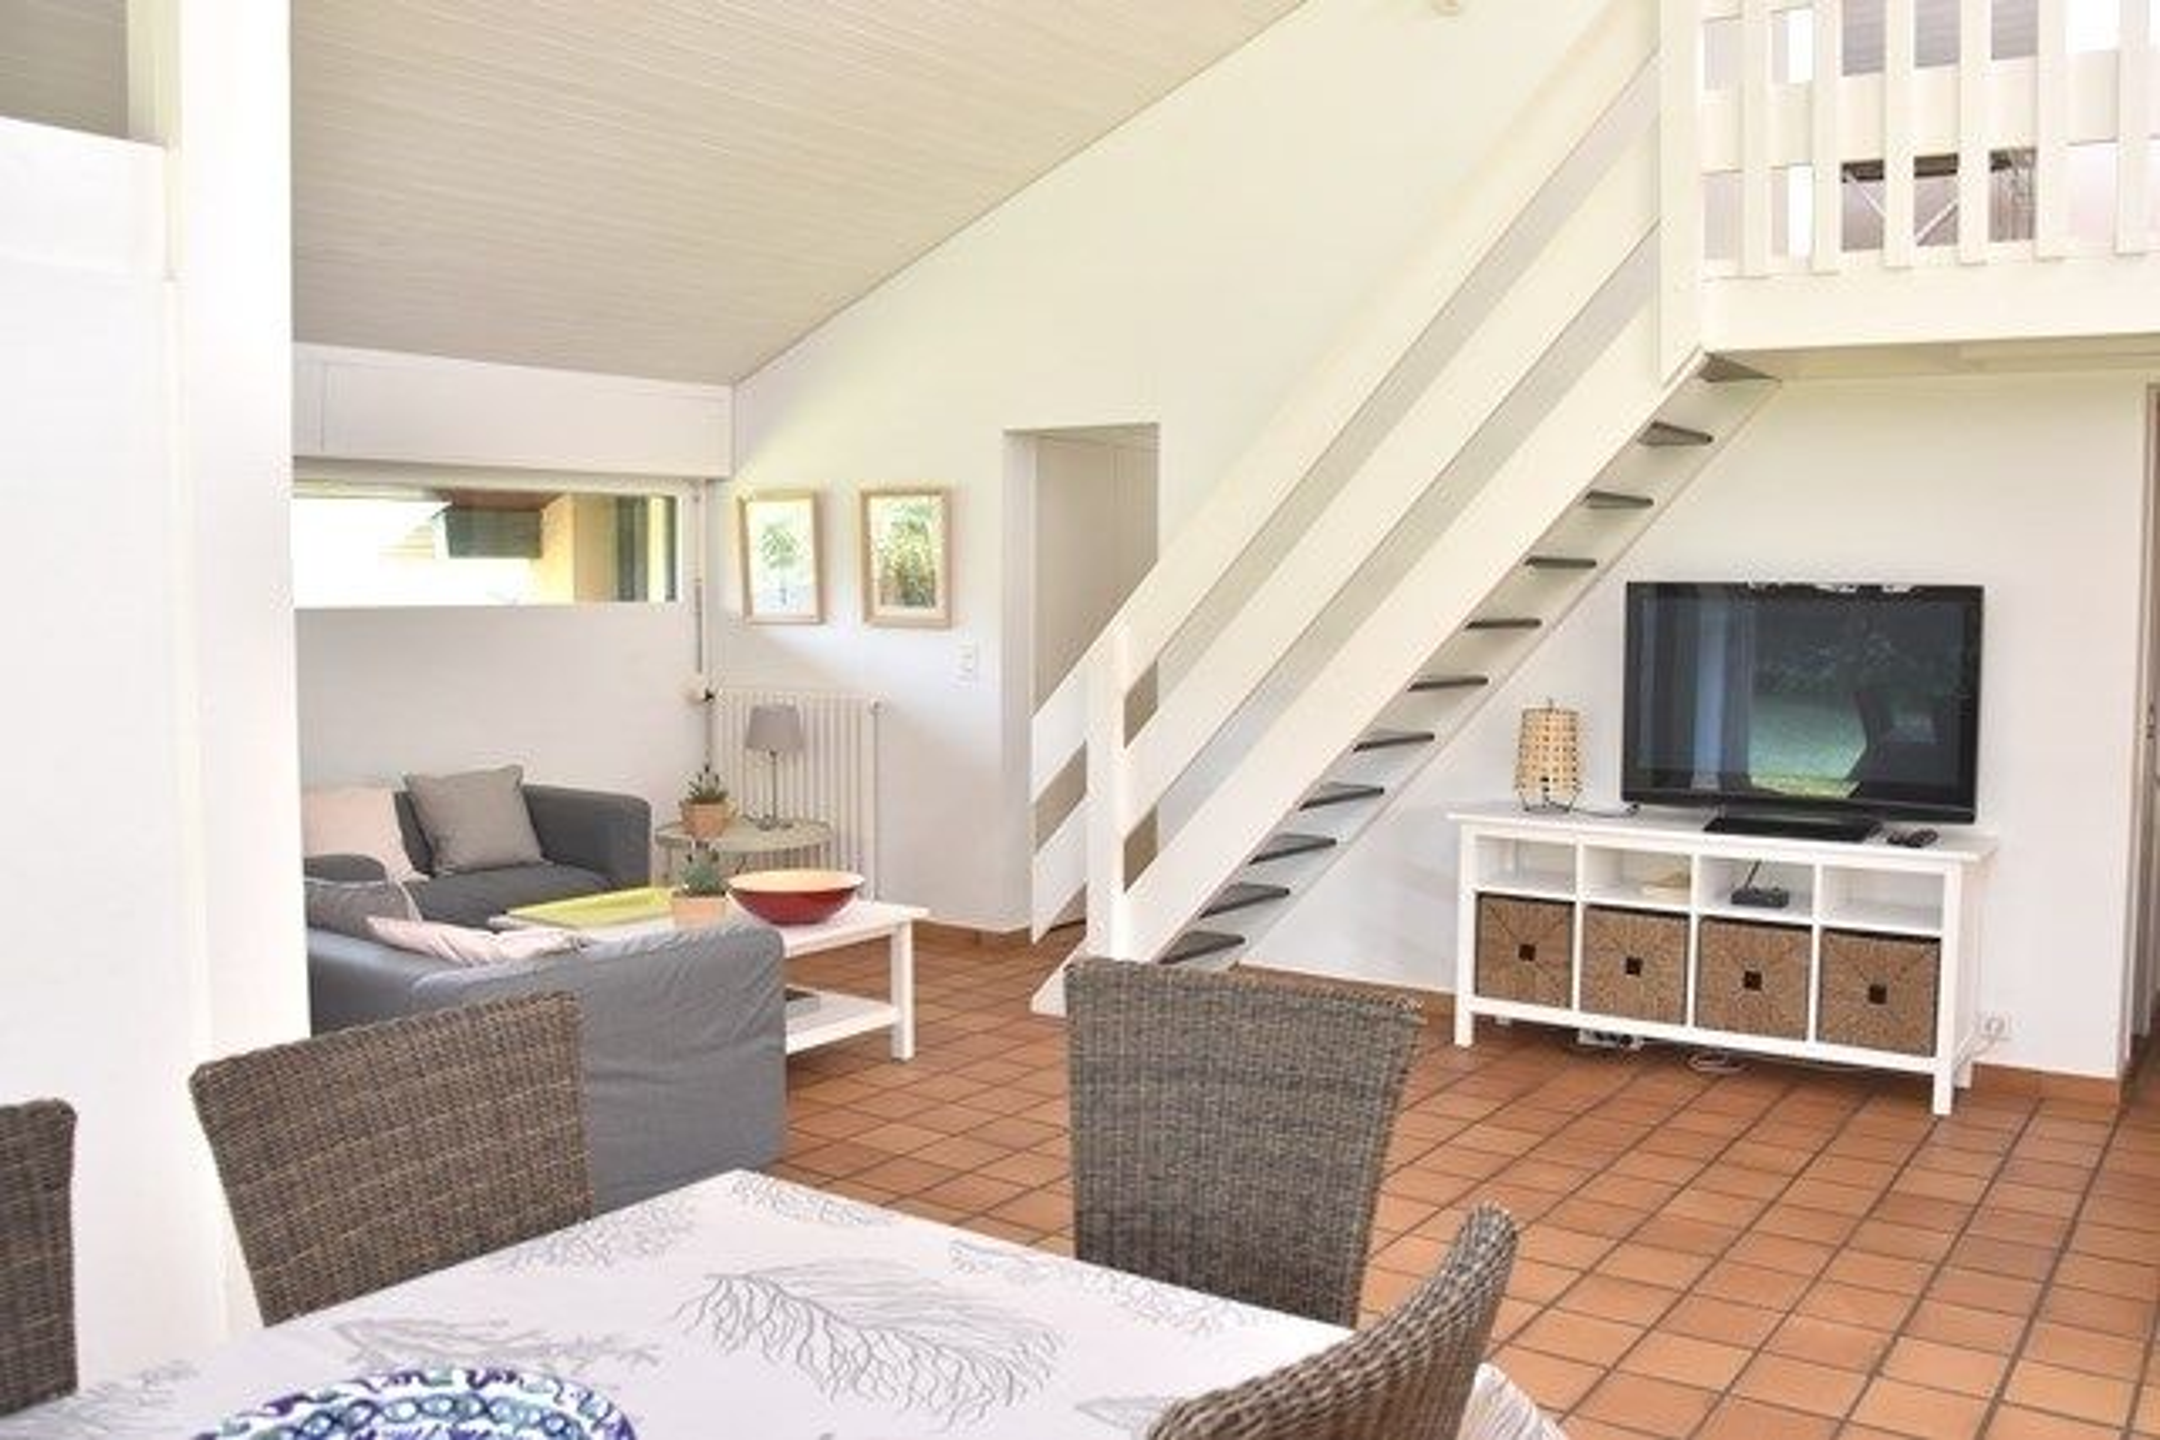 Holiday rental villa ref:0489